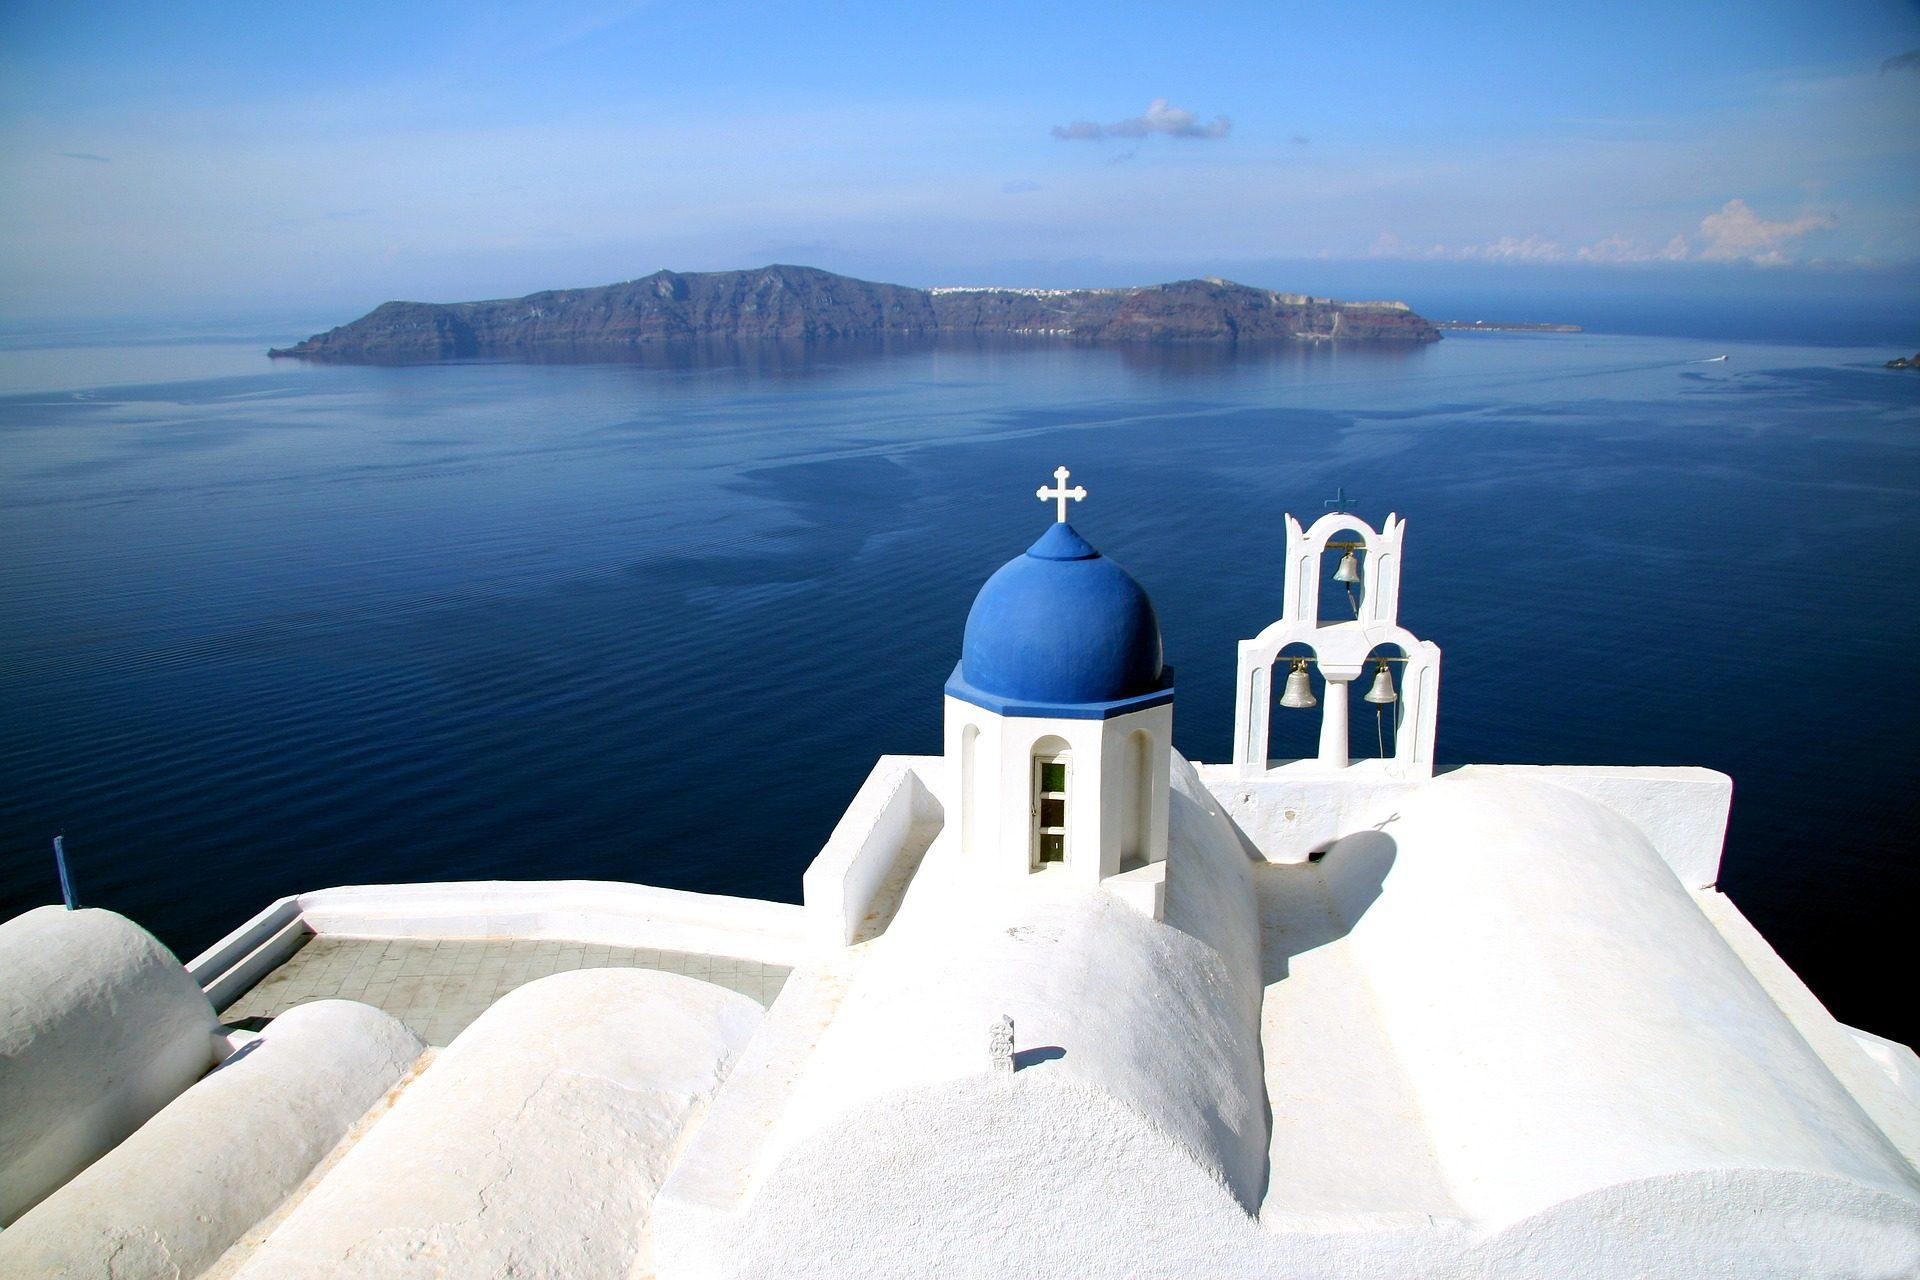 海, 山, 岛屿, 教会, 圣所, 圣托里尼岛, 希腊 - 高清壁纸 - 教授-falken.com